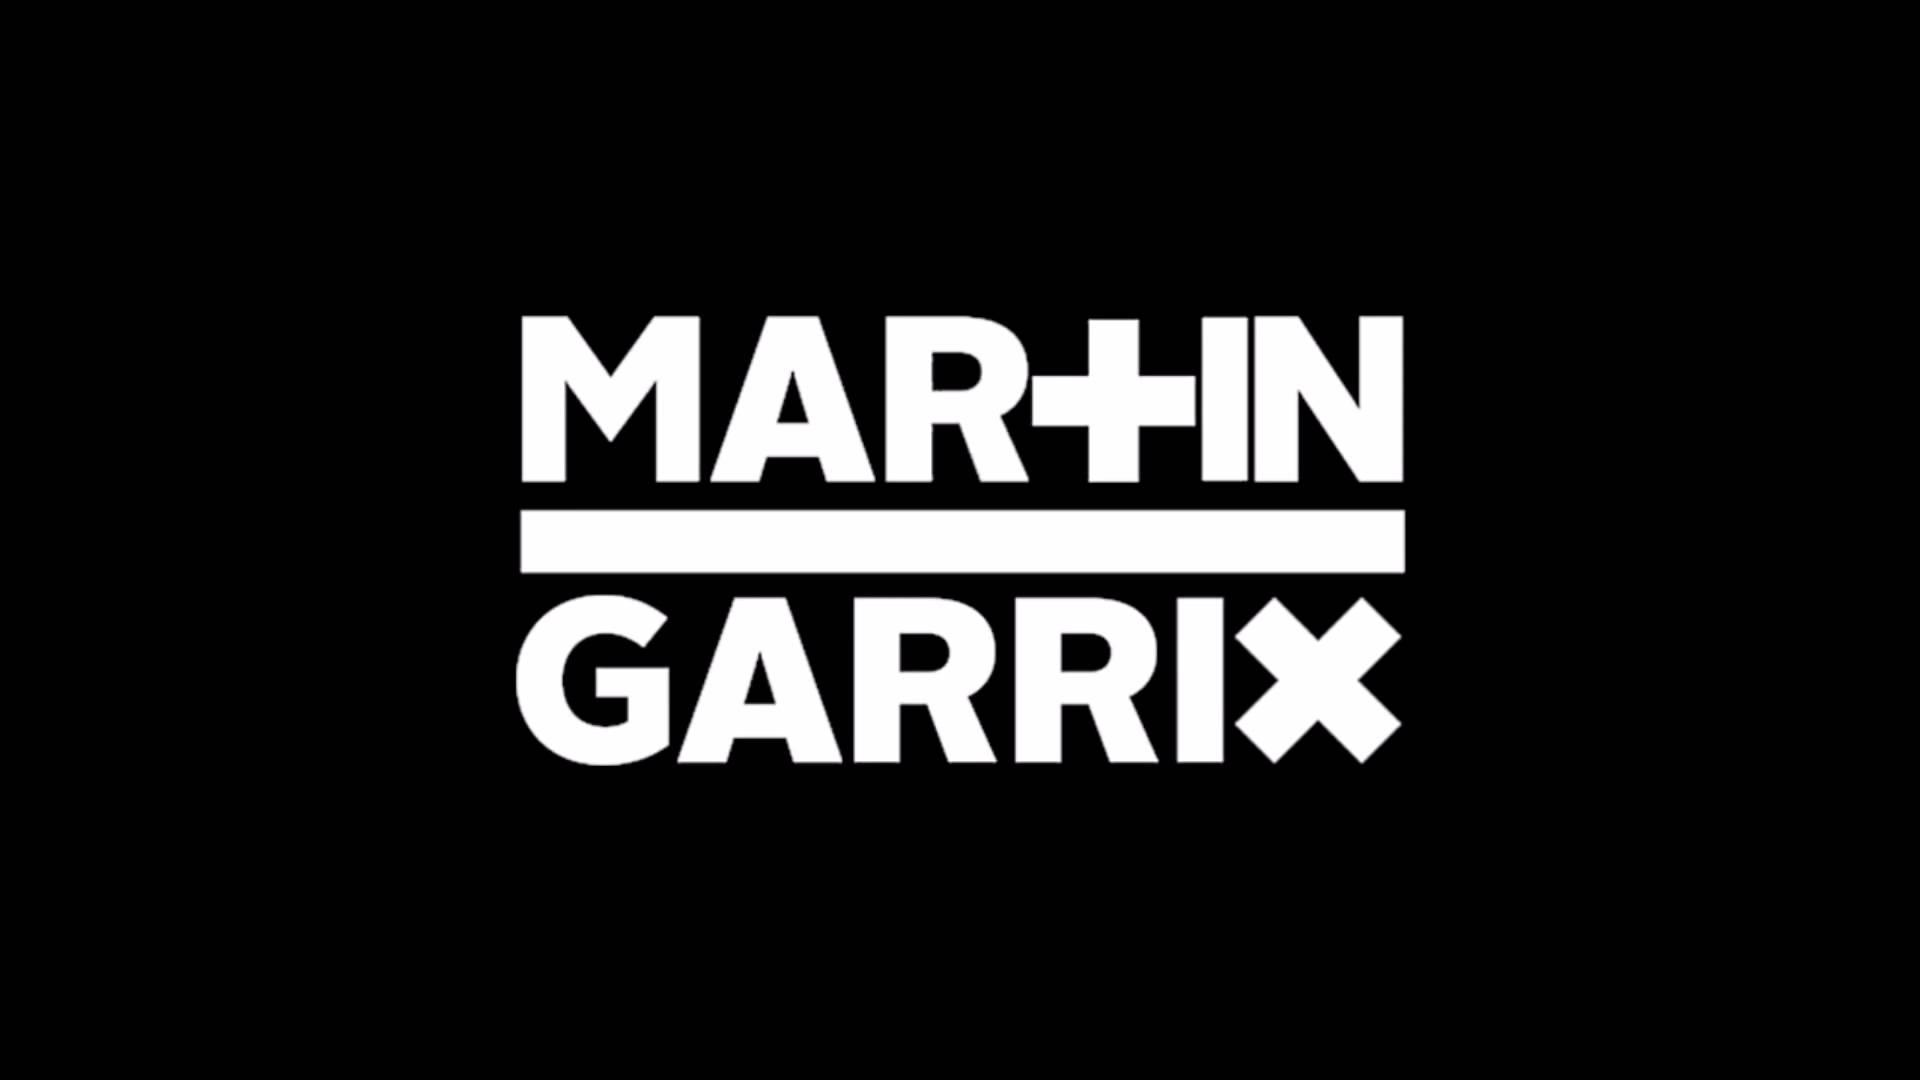 martin garrix wallpaper